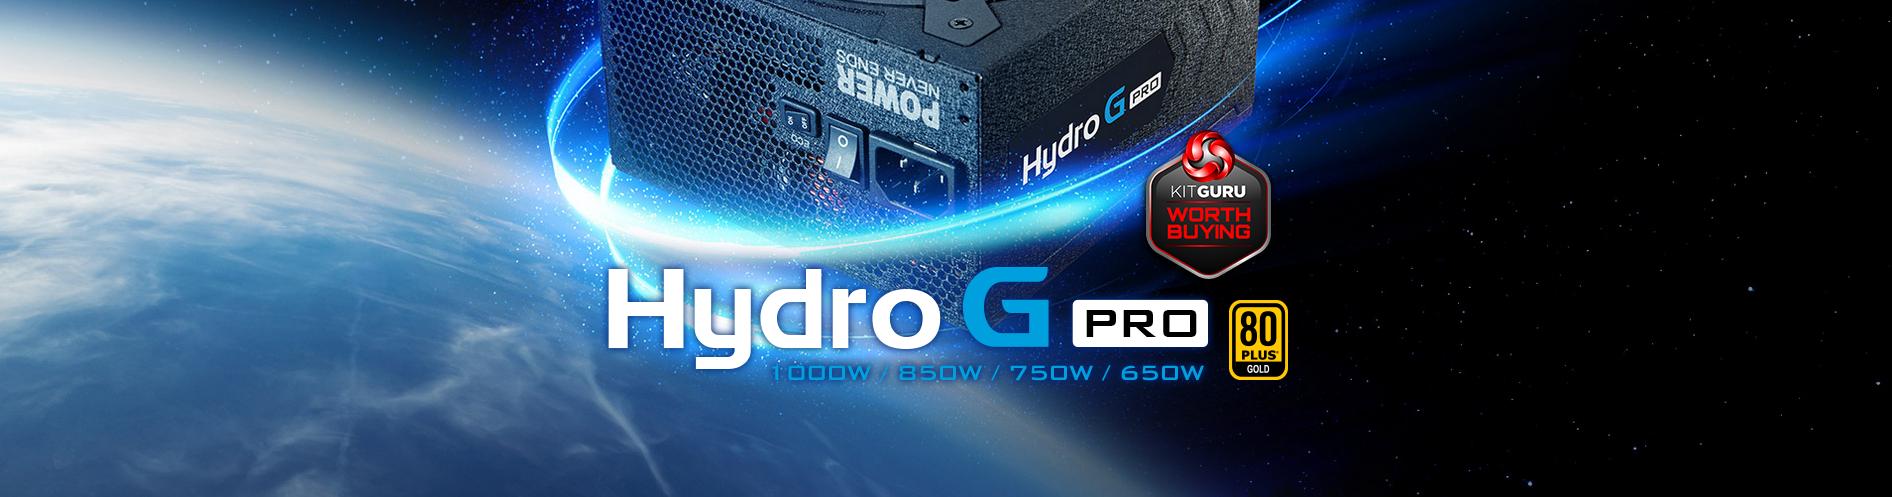 Nguồn FSP Power Supply HYDRO G PRO Series Model HG2-750 Active PFC (80 Plus Gold/Full Modular/Màu Đen) giới thiệu